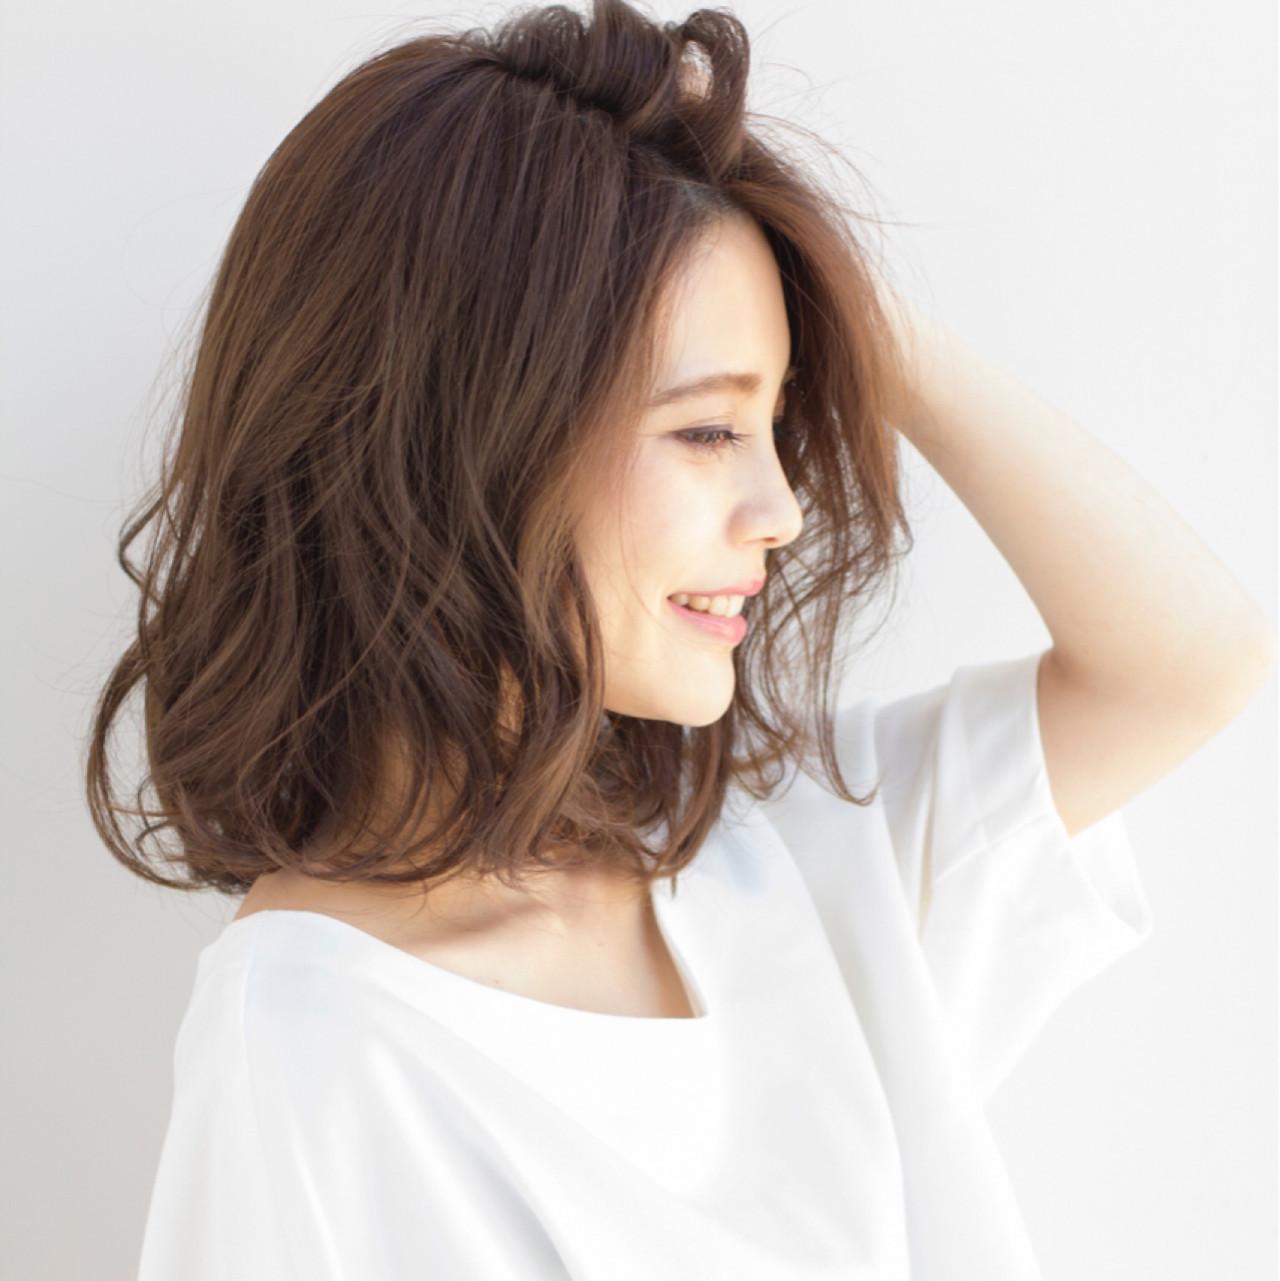 どんな髪型にすればいいの?40代の女性におすすめしたい髪型はこれ! 東 純平